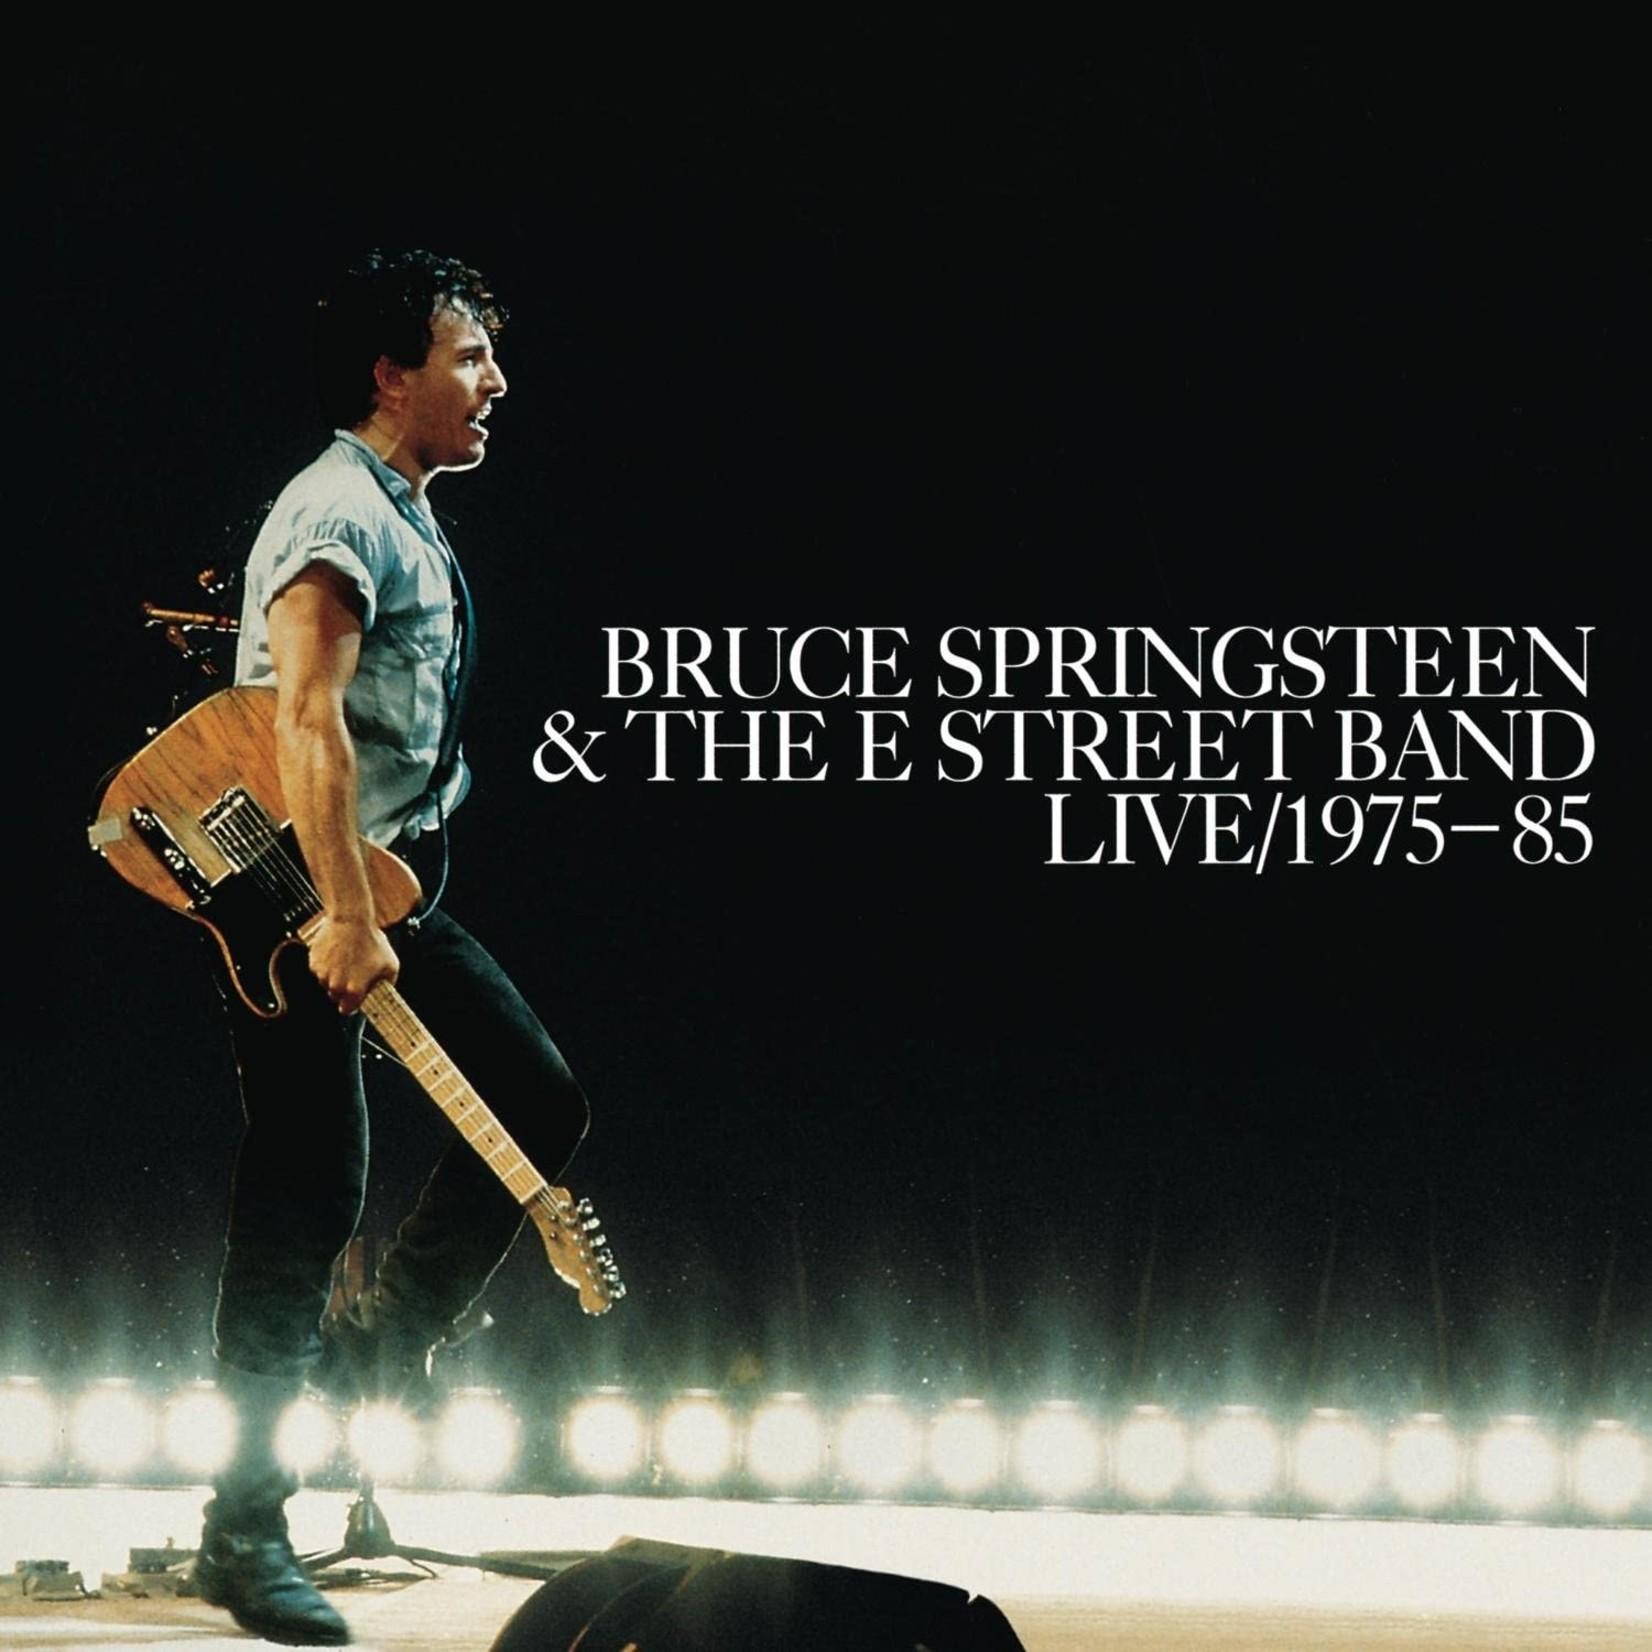 [Vintage] Springsteen, Bruce: Live 1975-1985 (5LP)